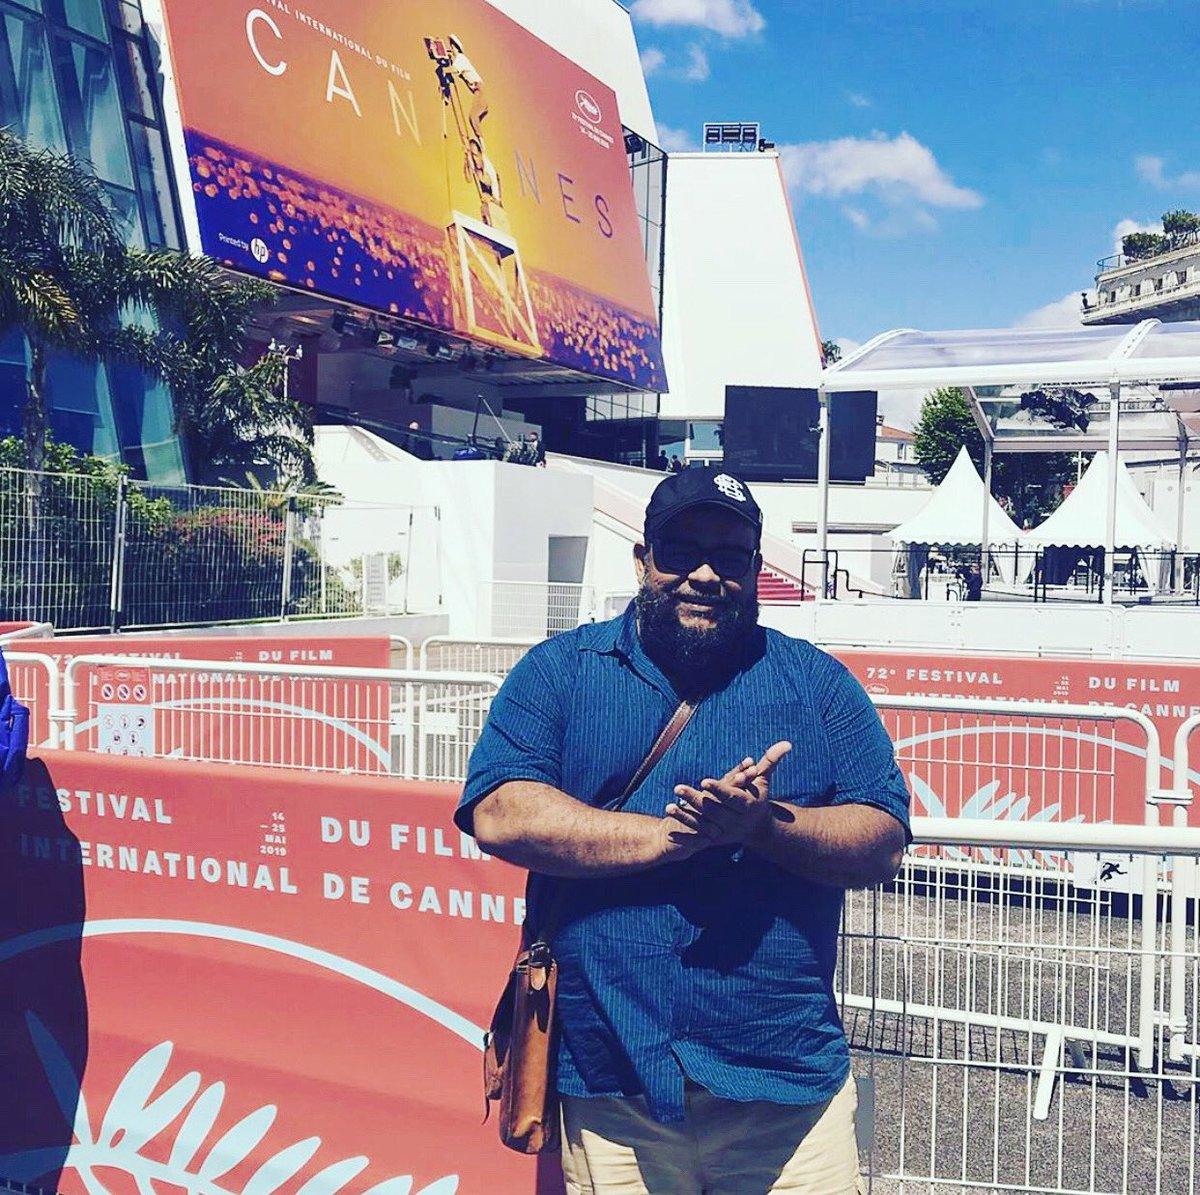 <carnaval> . inesquecível . da . tela . grande . nem . parece . que . amanhã . fará . um . ano . 🙈💥🛸🐻🎥❤️ #tbt #bacurau #festivaldecannes2019 #jrblack #djurso #cannes #france https://t.co/nGswWsyicy